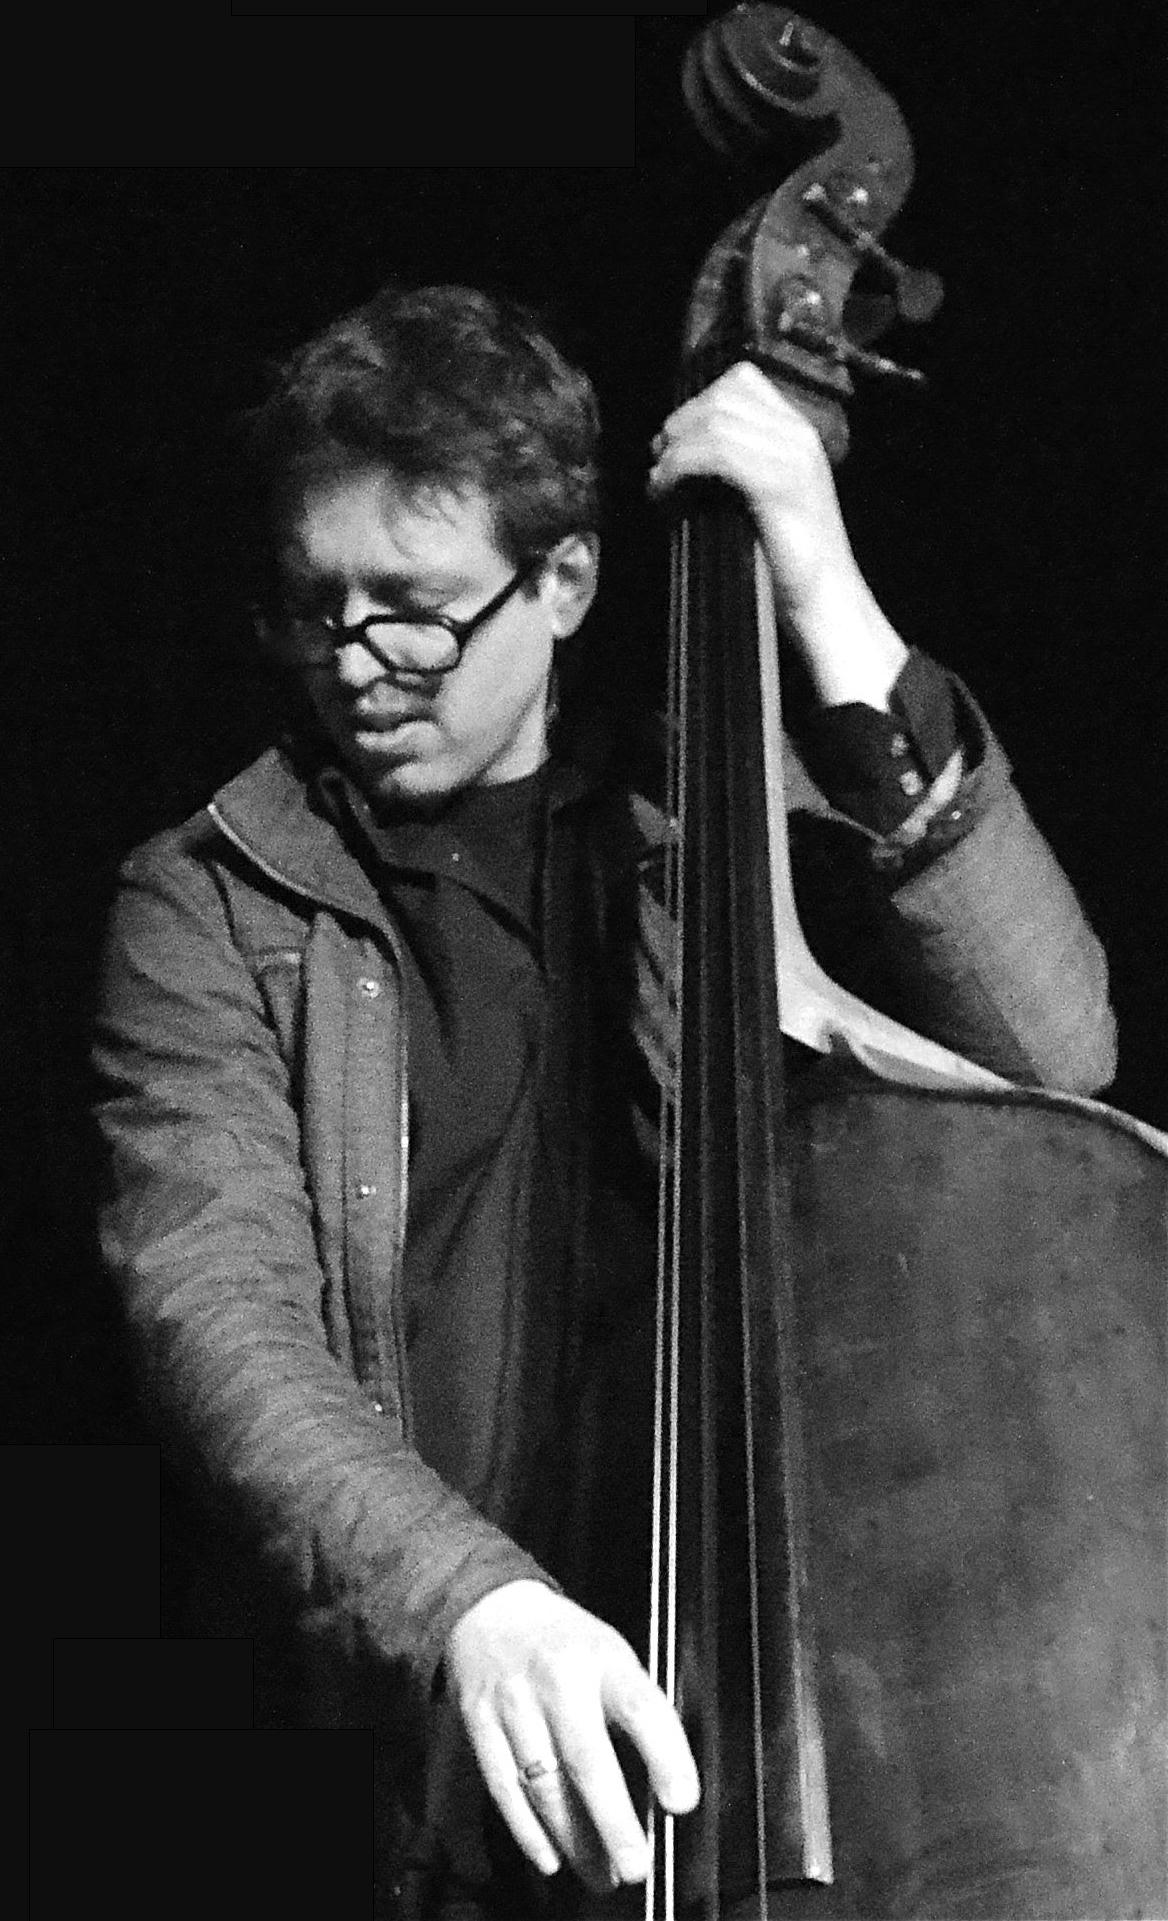 Hnita Jazzclub, Belgium.  Guy van de Poel